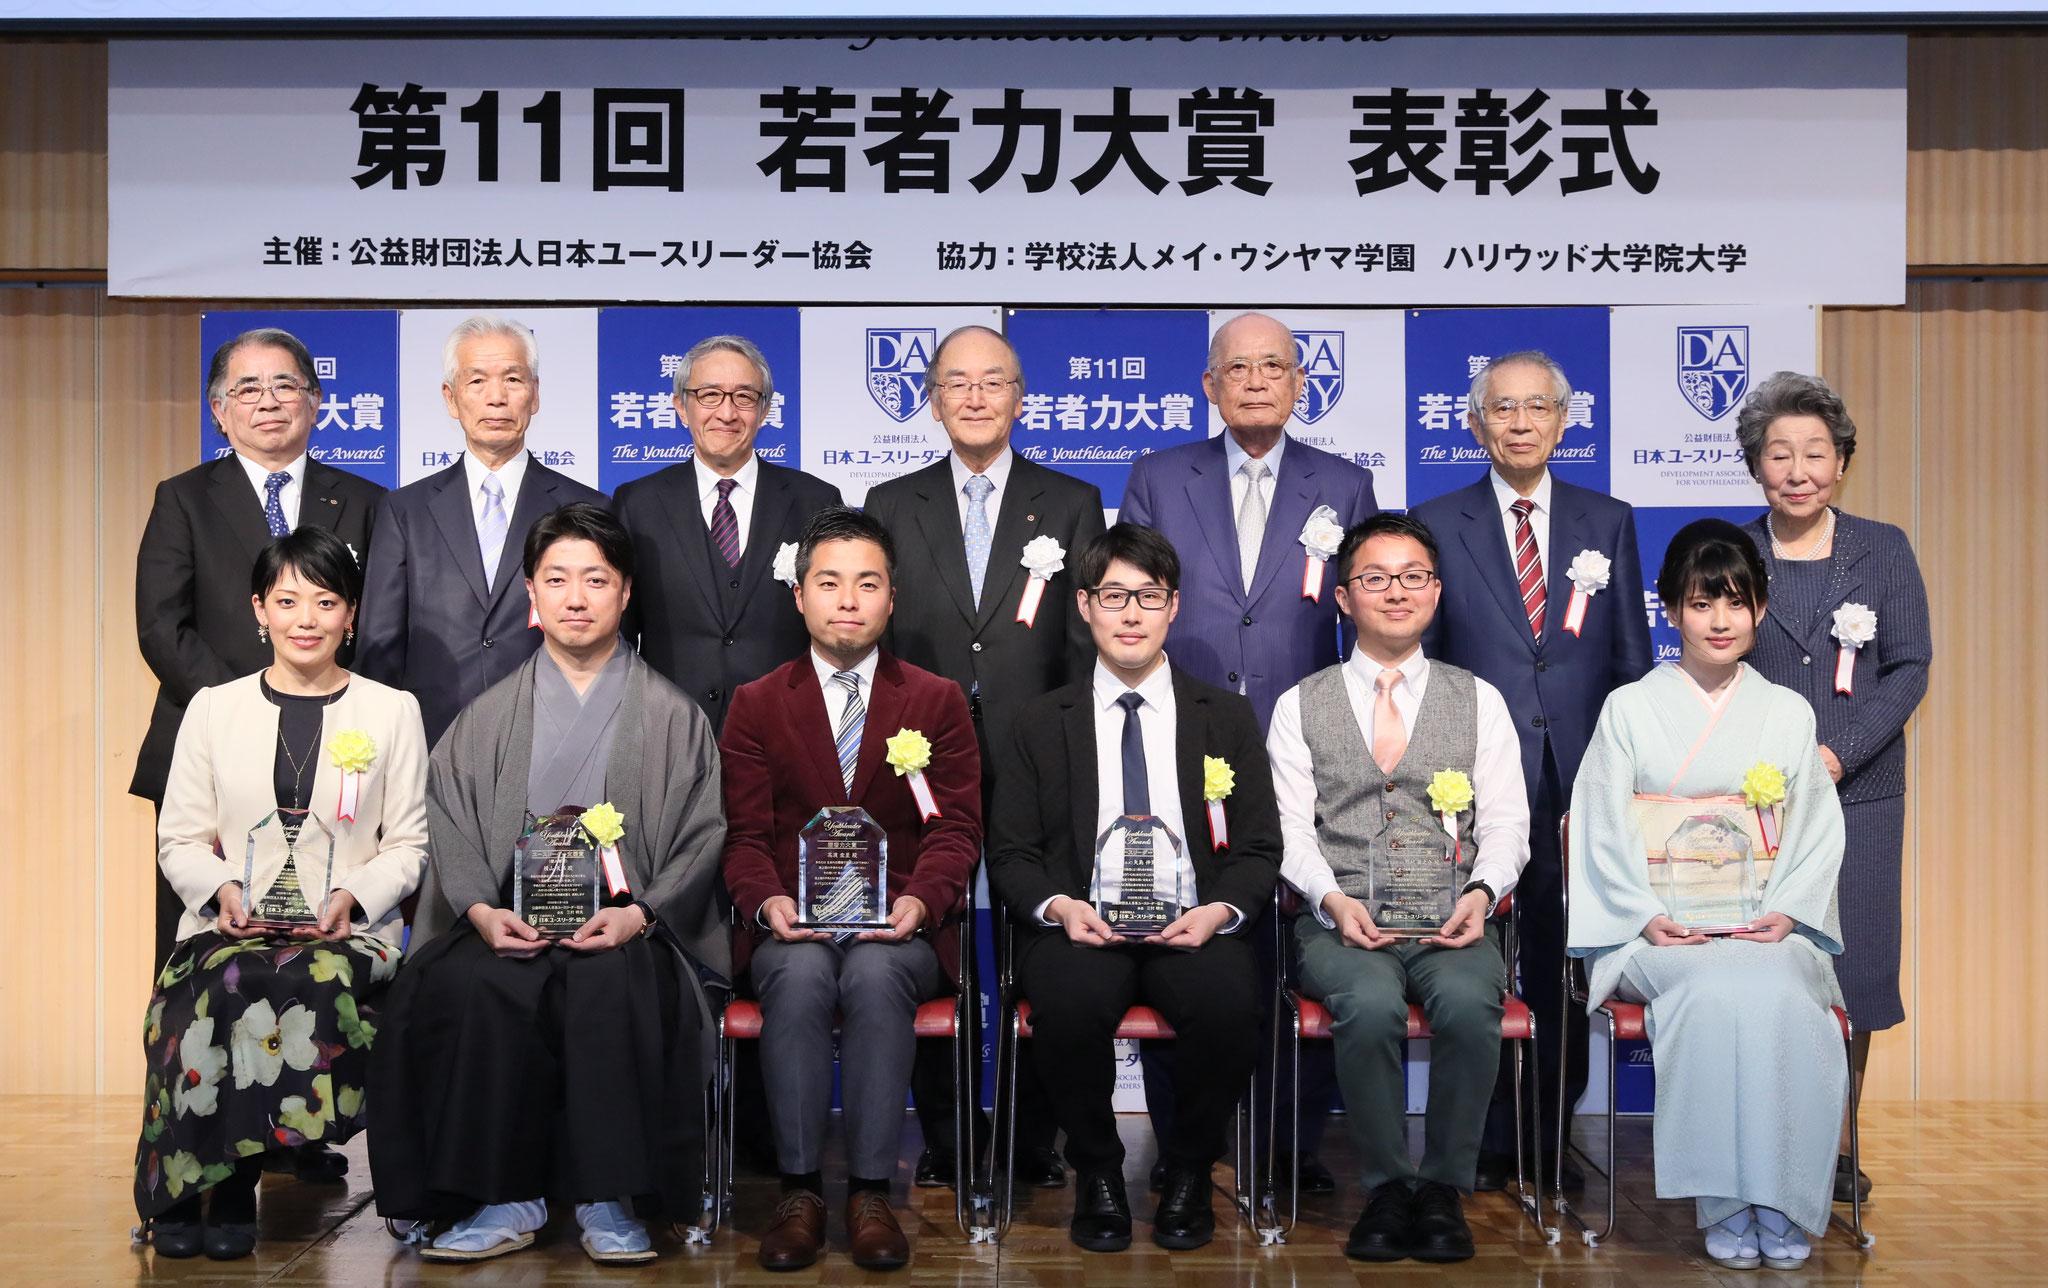 第11回若者力大賞表彰式 2020年2月18日(火)